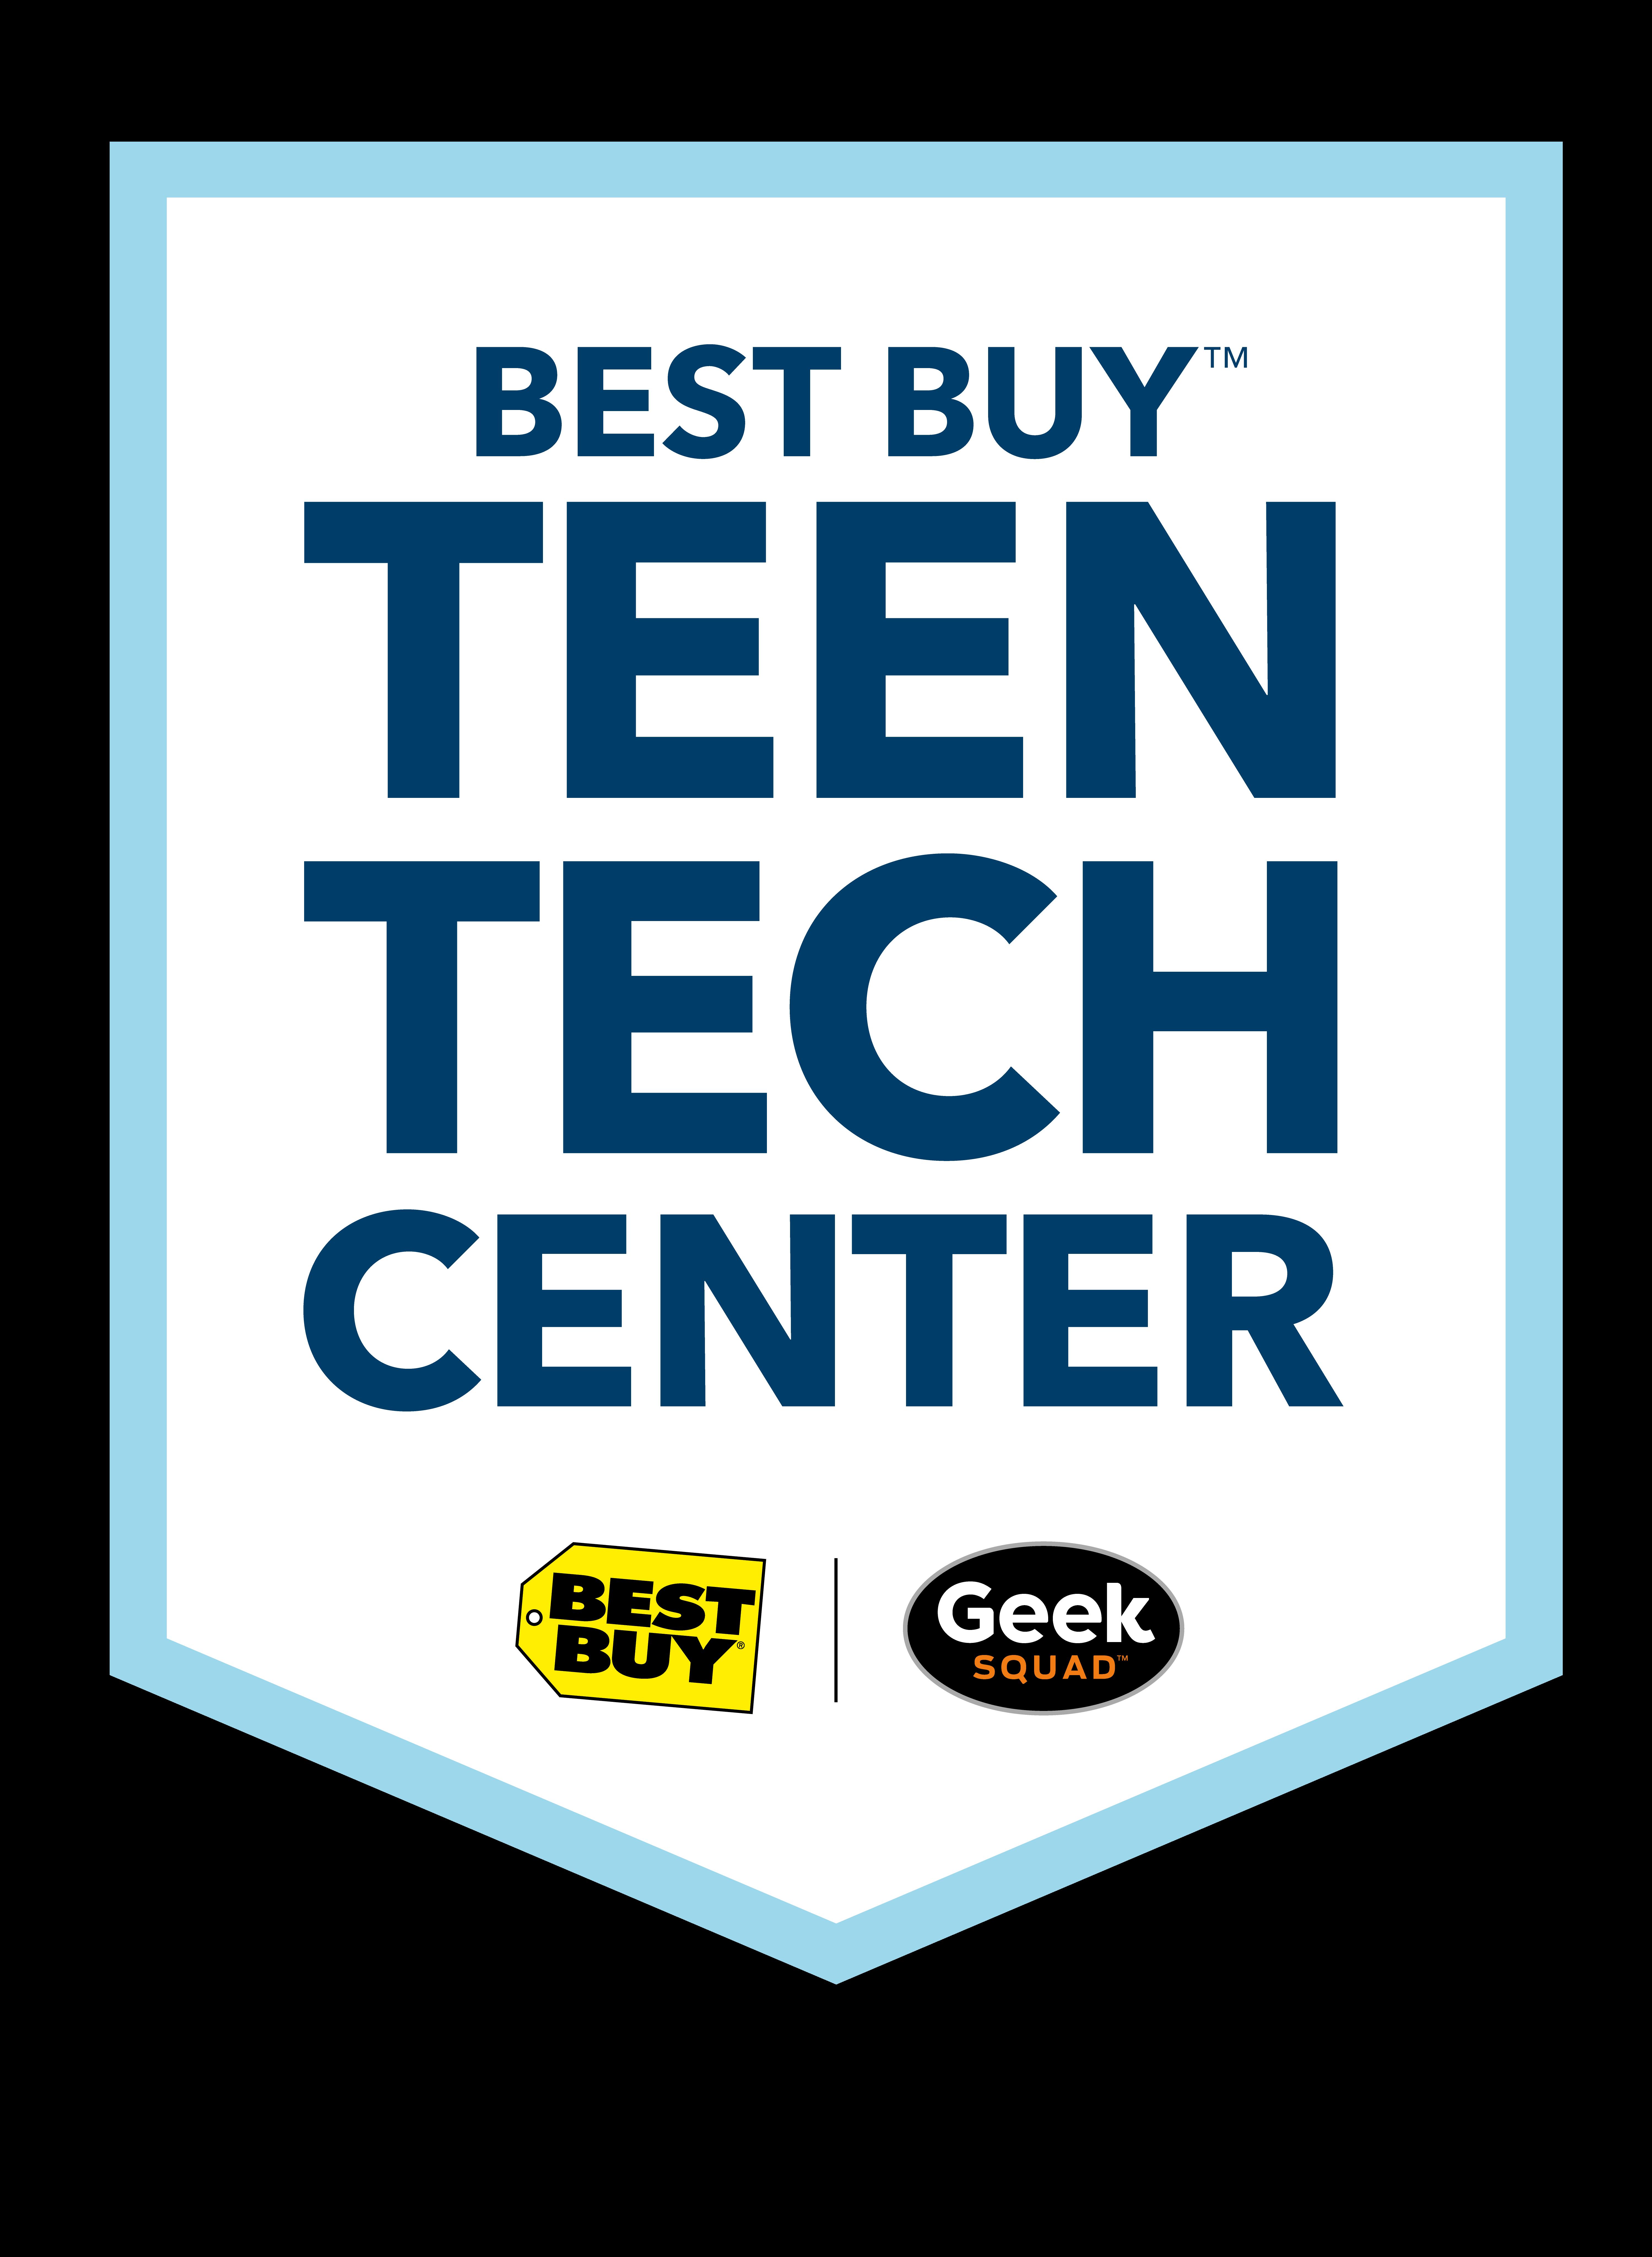 center-teen-help-center